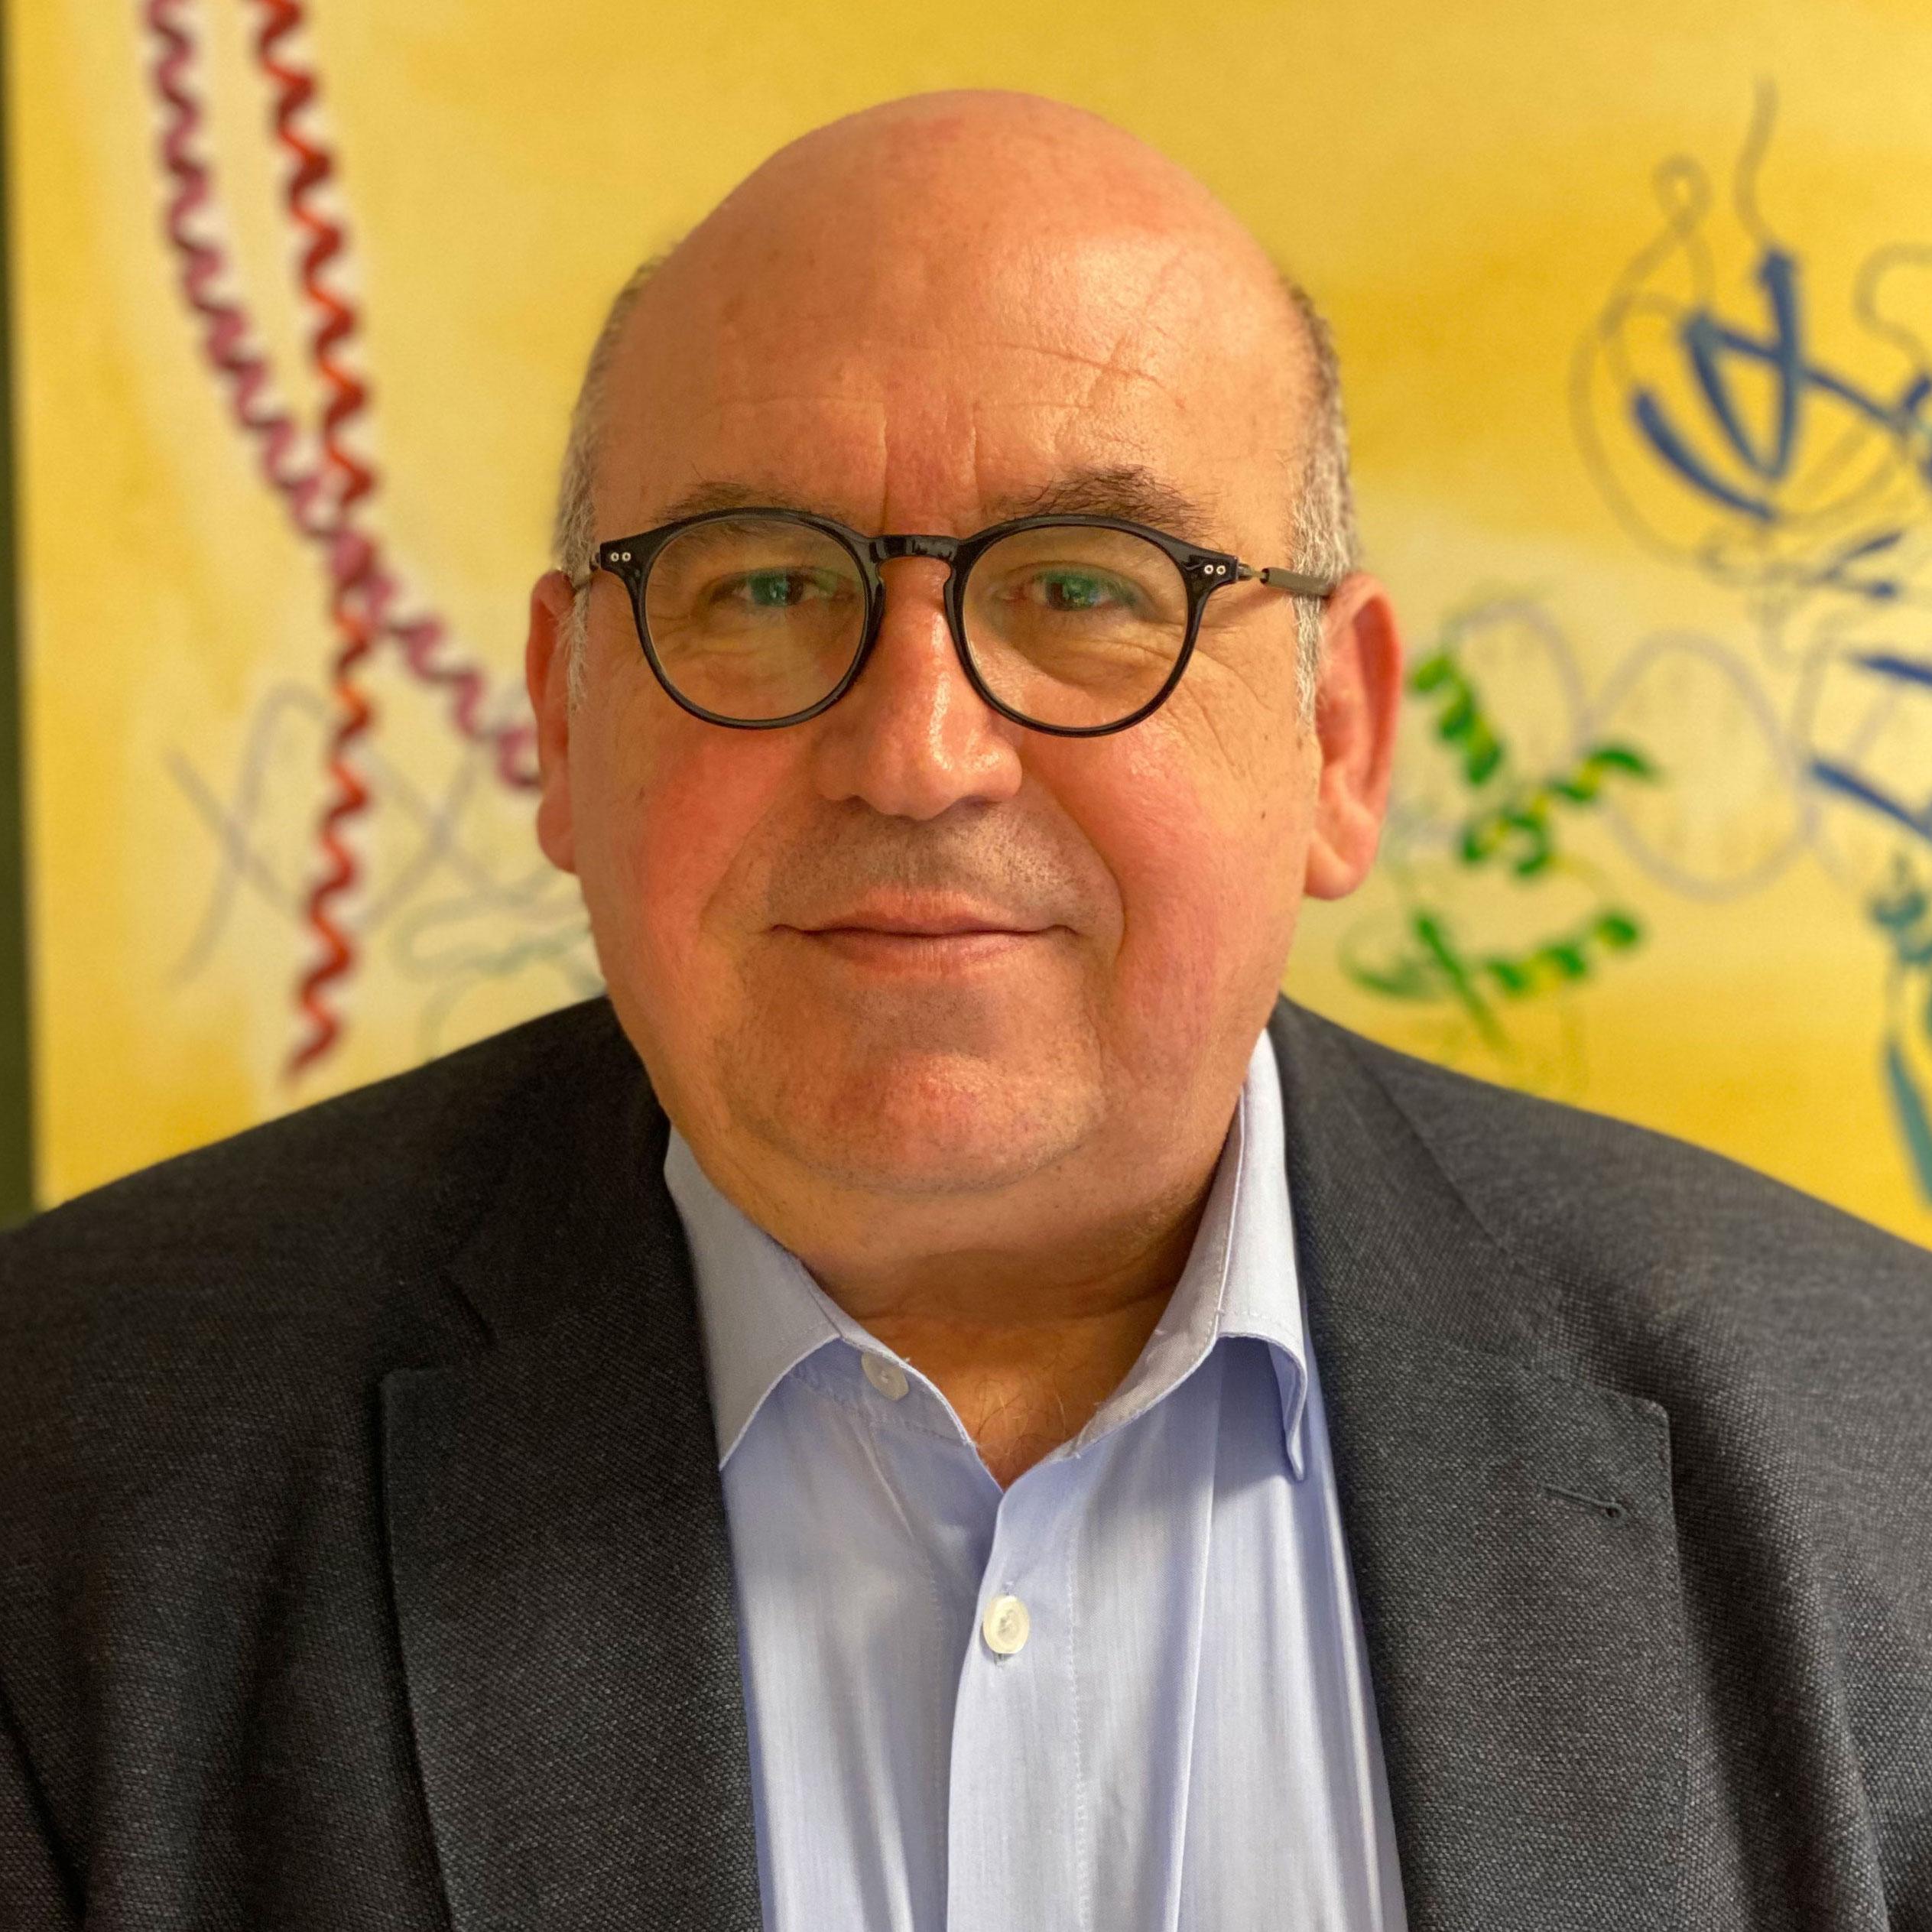 Academician Director